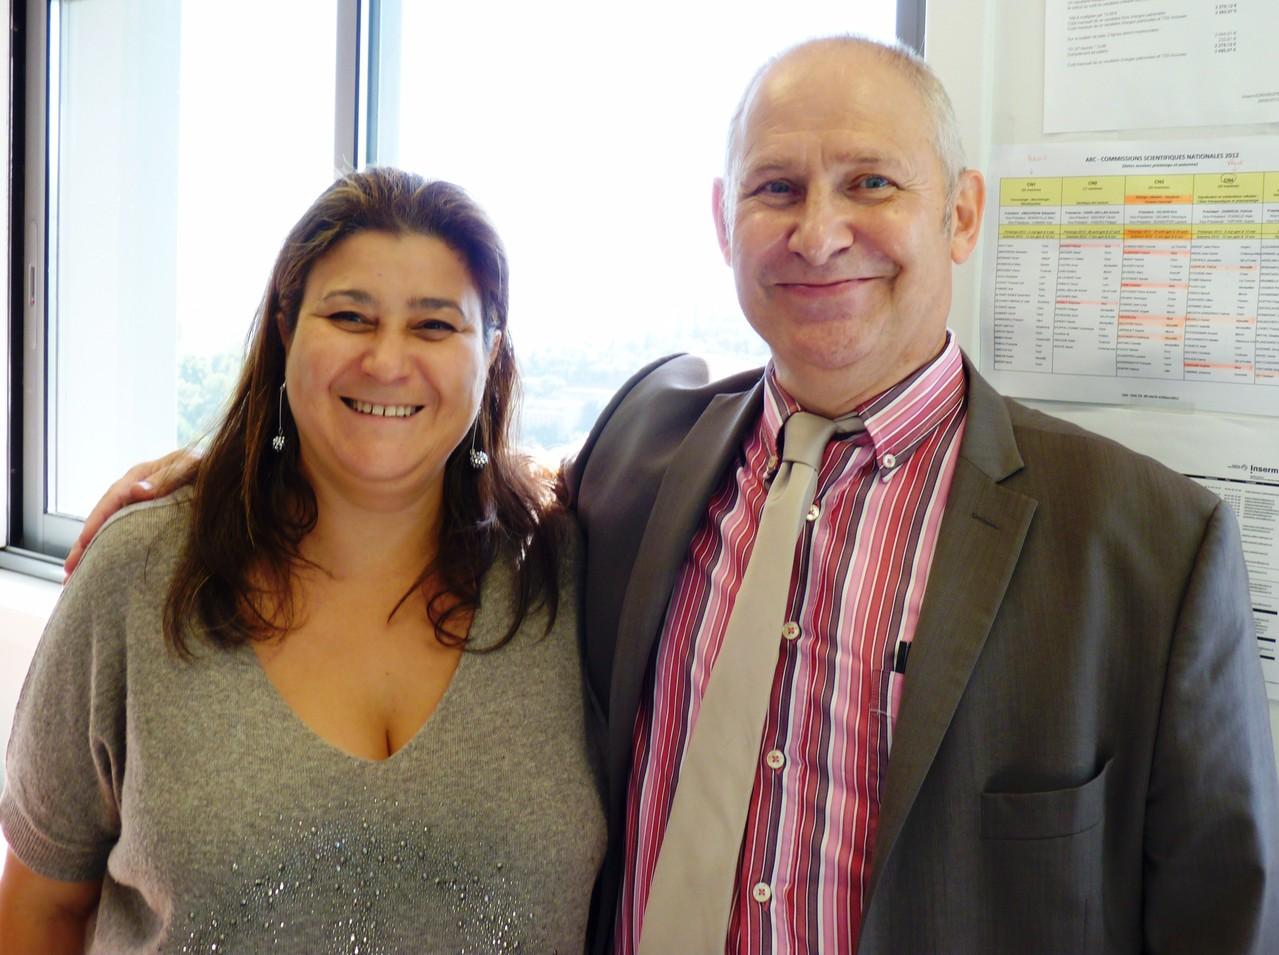 Mina Daban, Présidente de LMC France et le Docteur Patrick Auberger, Directeur du C3M